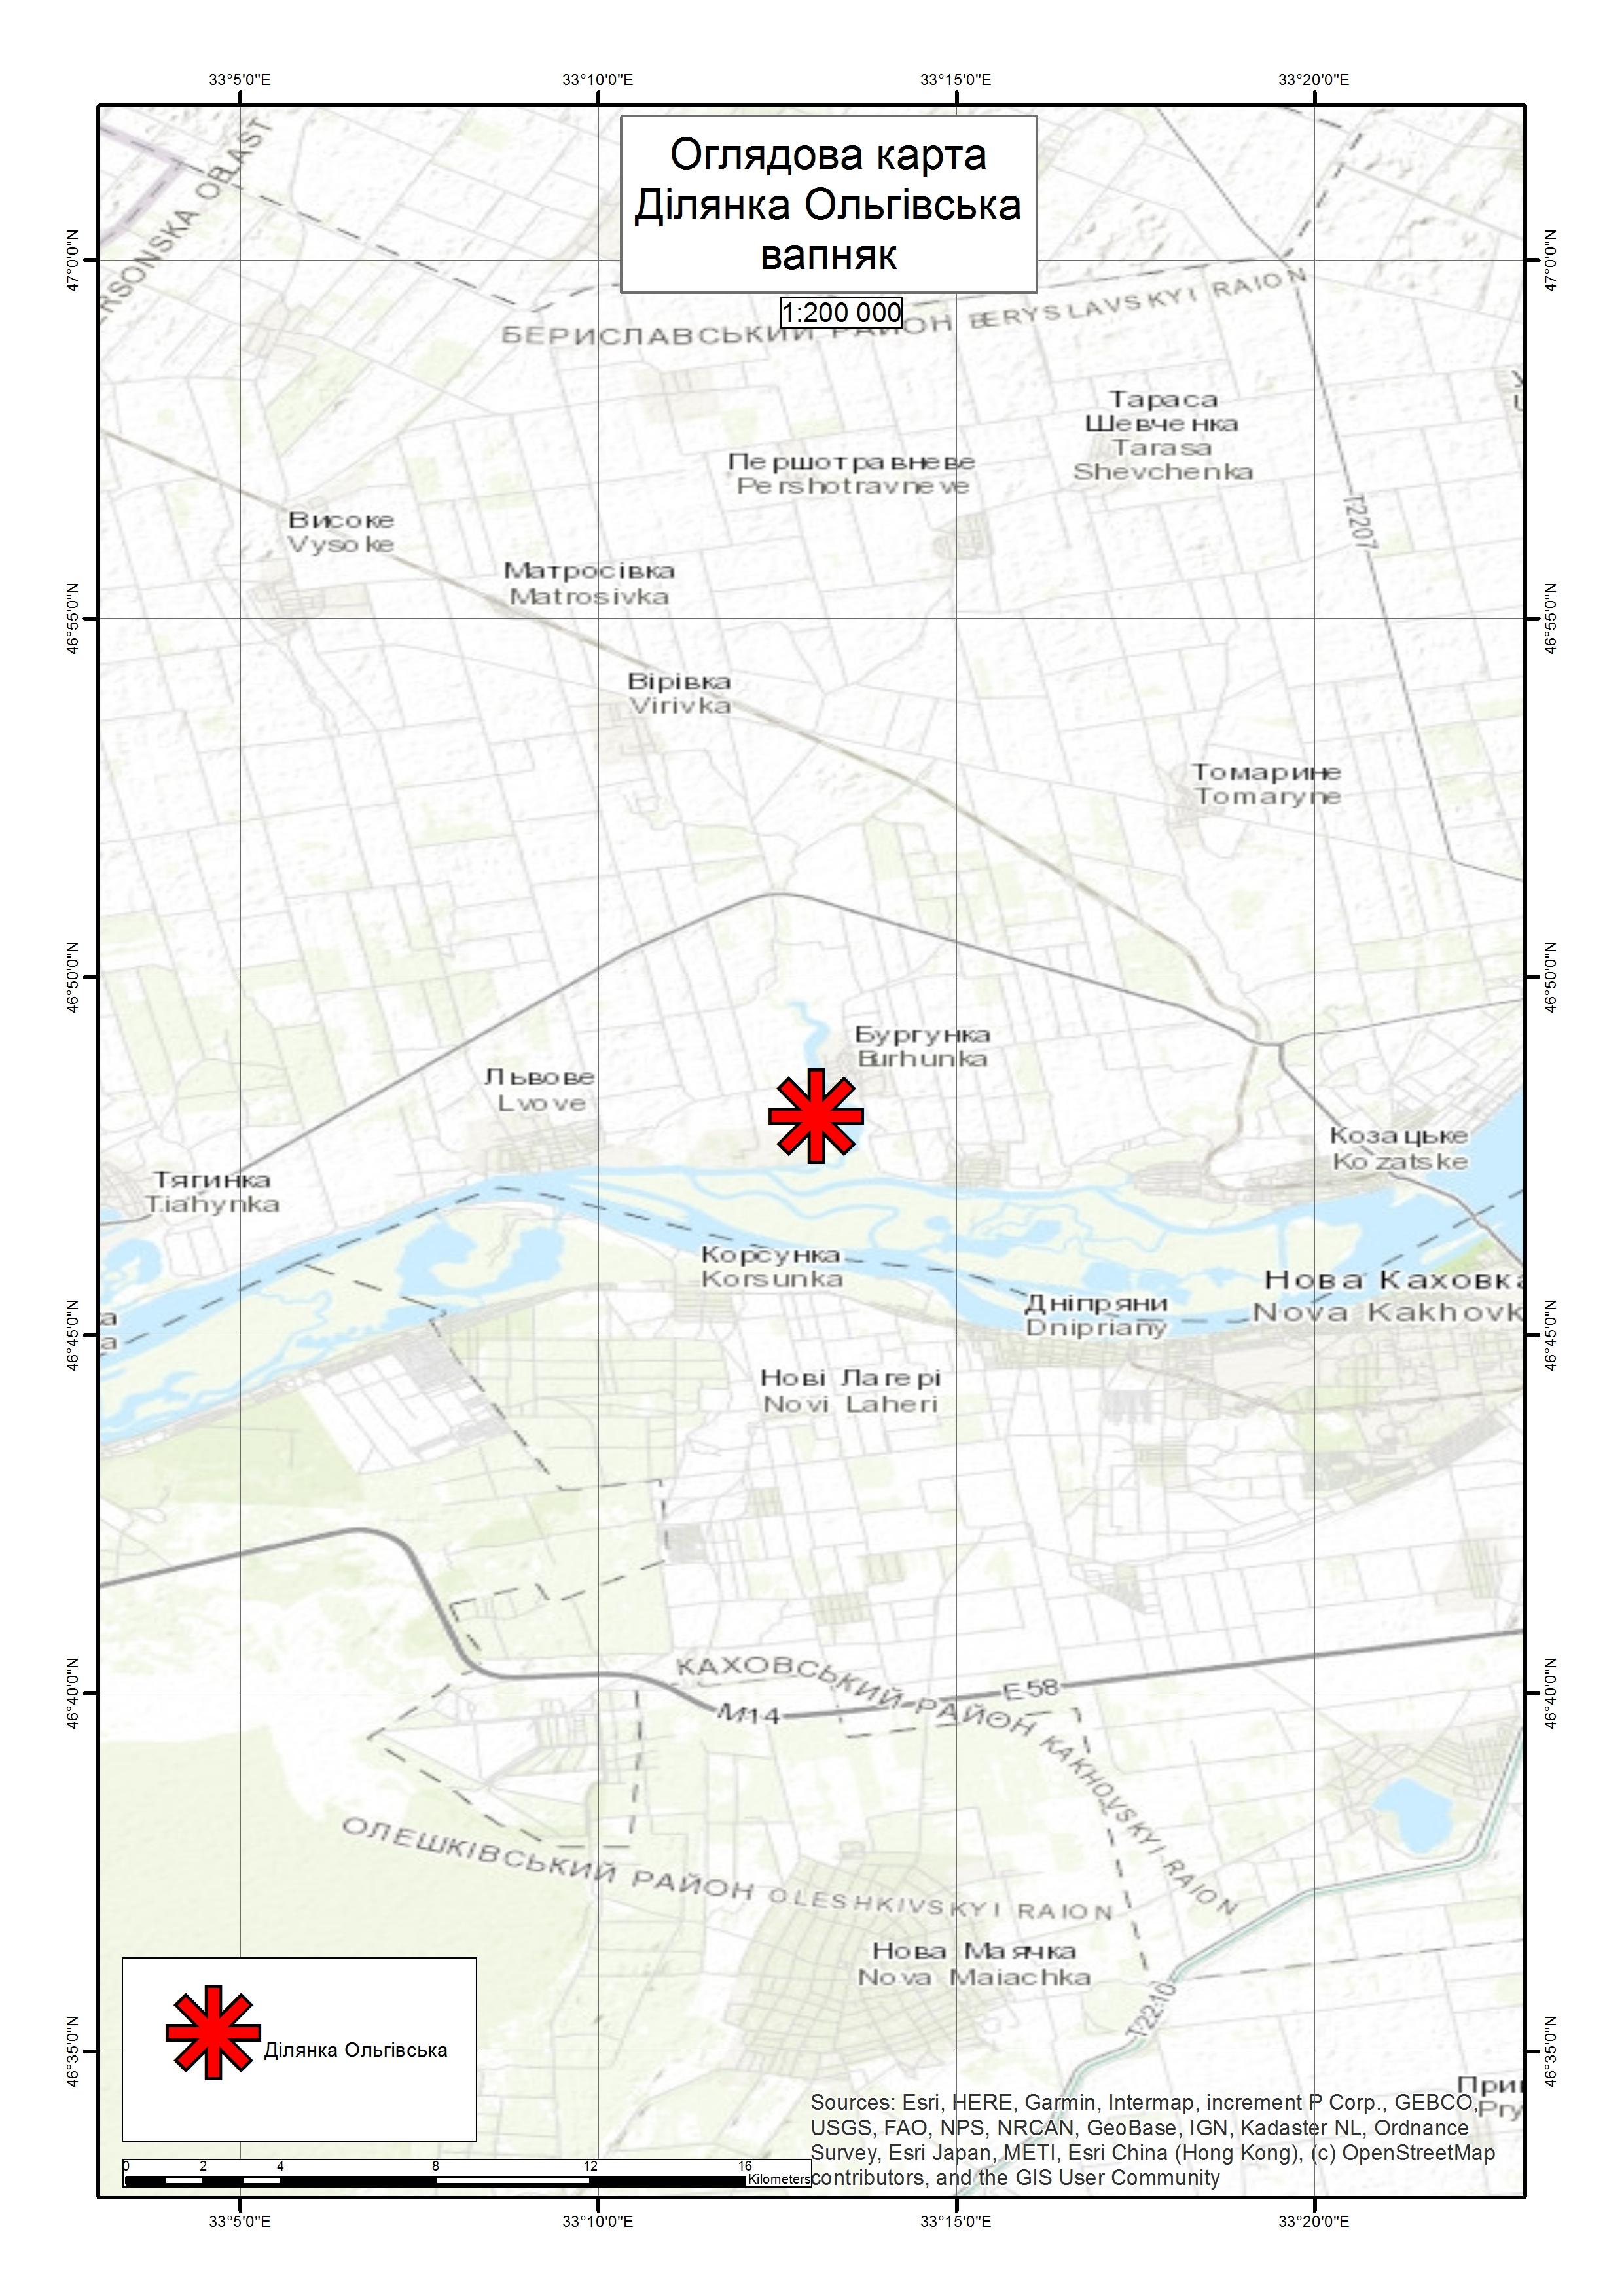 Спеціальний дозвіл на користування надрами – Ділянка Ольгівська. Вартість геологічної інформації – 92 162,24 грн (з ПДВ). Вартість пакету аукціонної документації – 4 500 грн (з ПДВ).